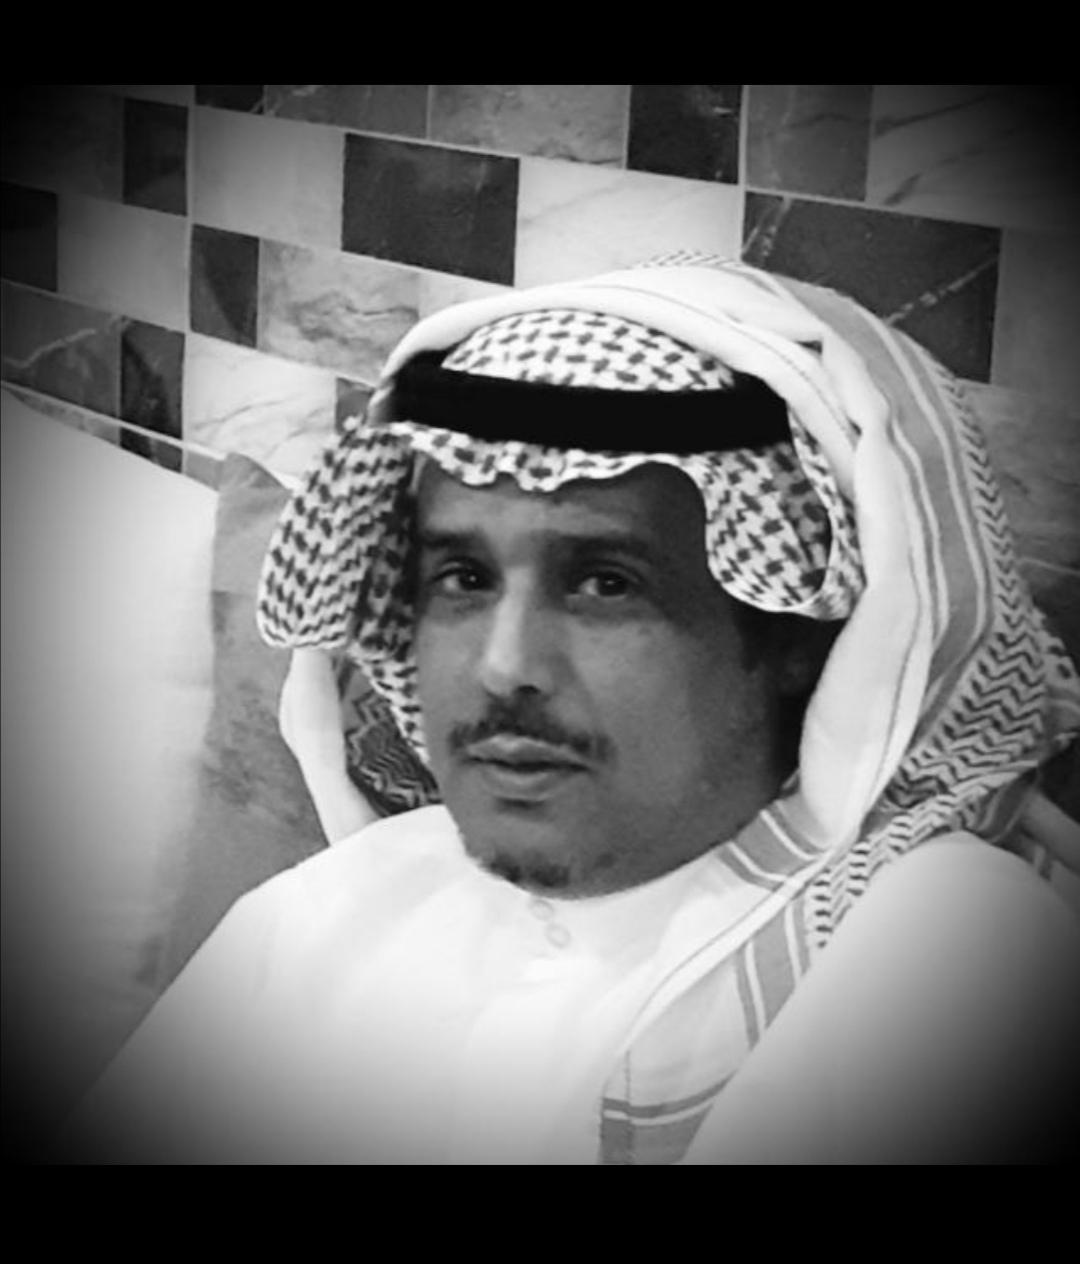 عبدالرحمن عبدالعزيز التويجري